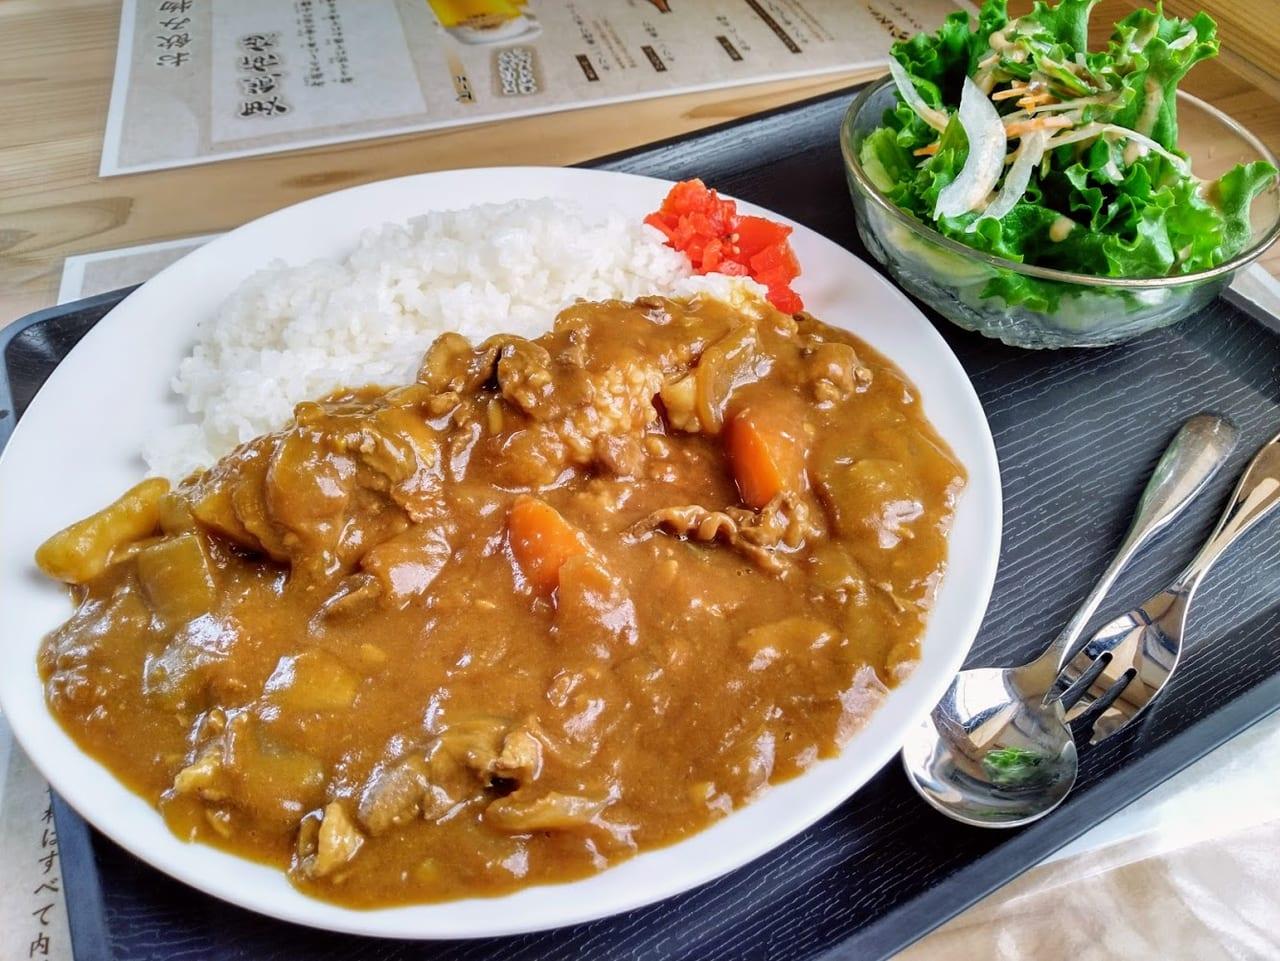 畑熊商店の猪肉カレーライス